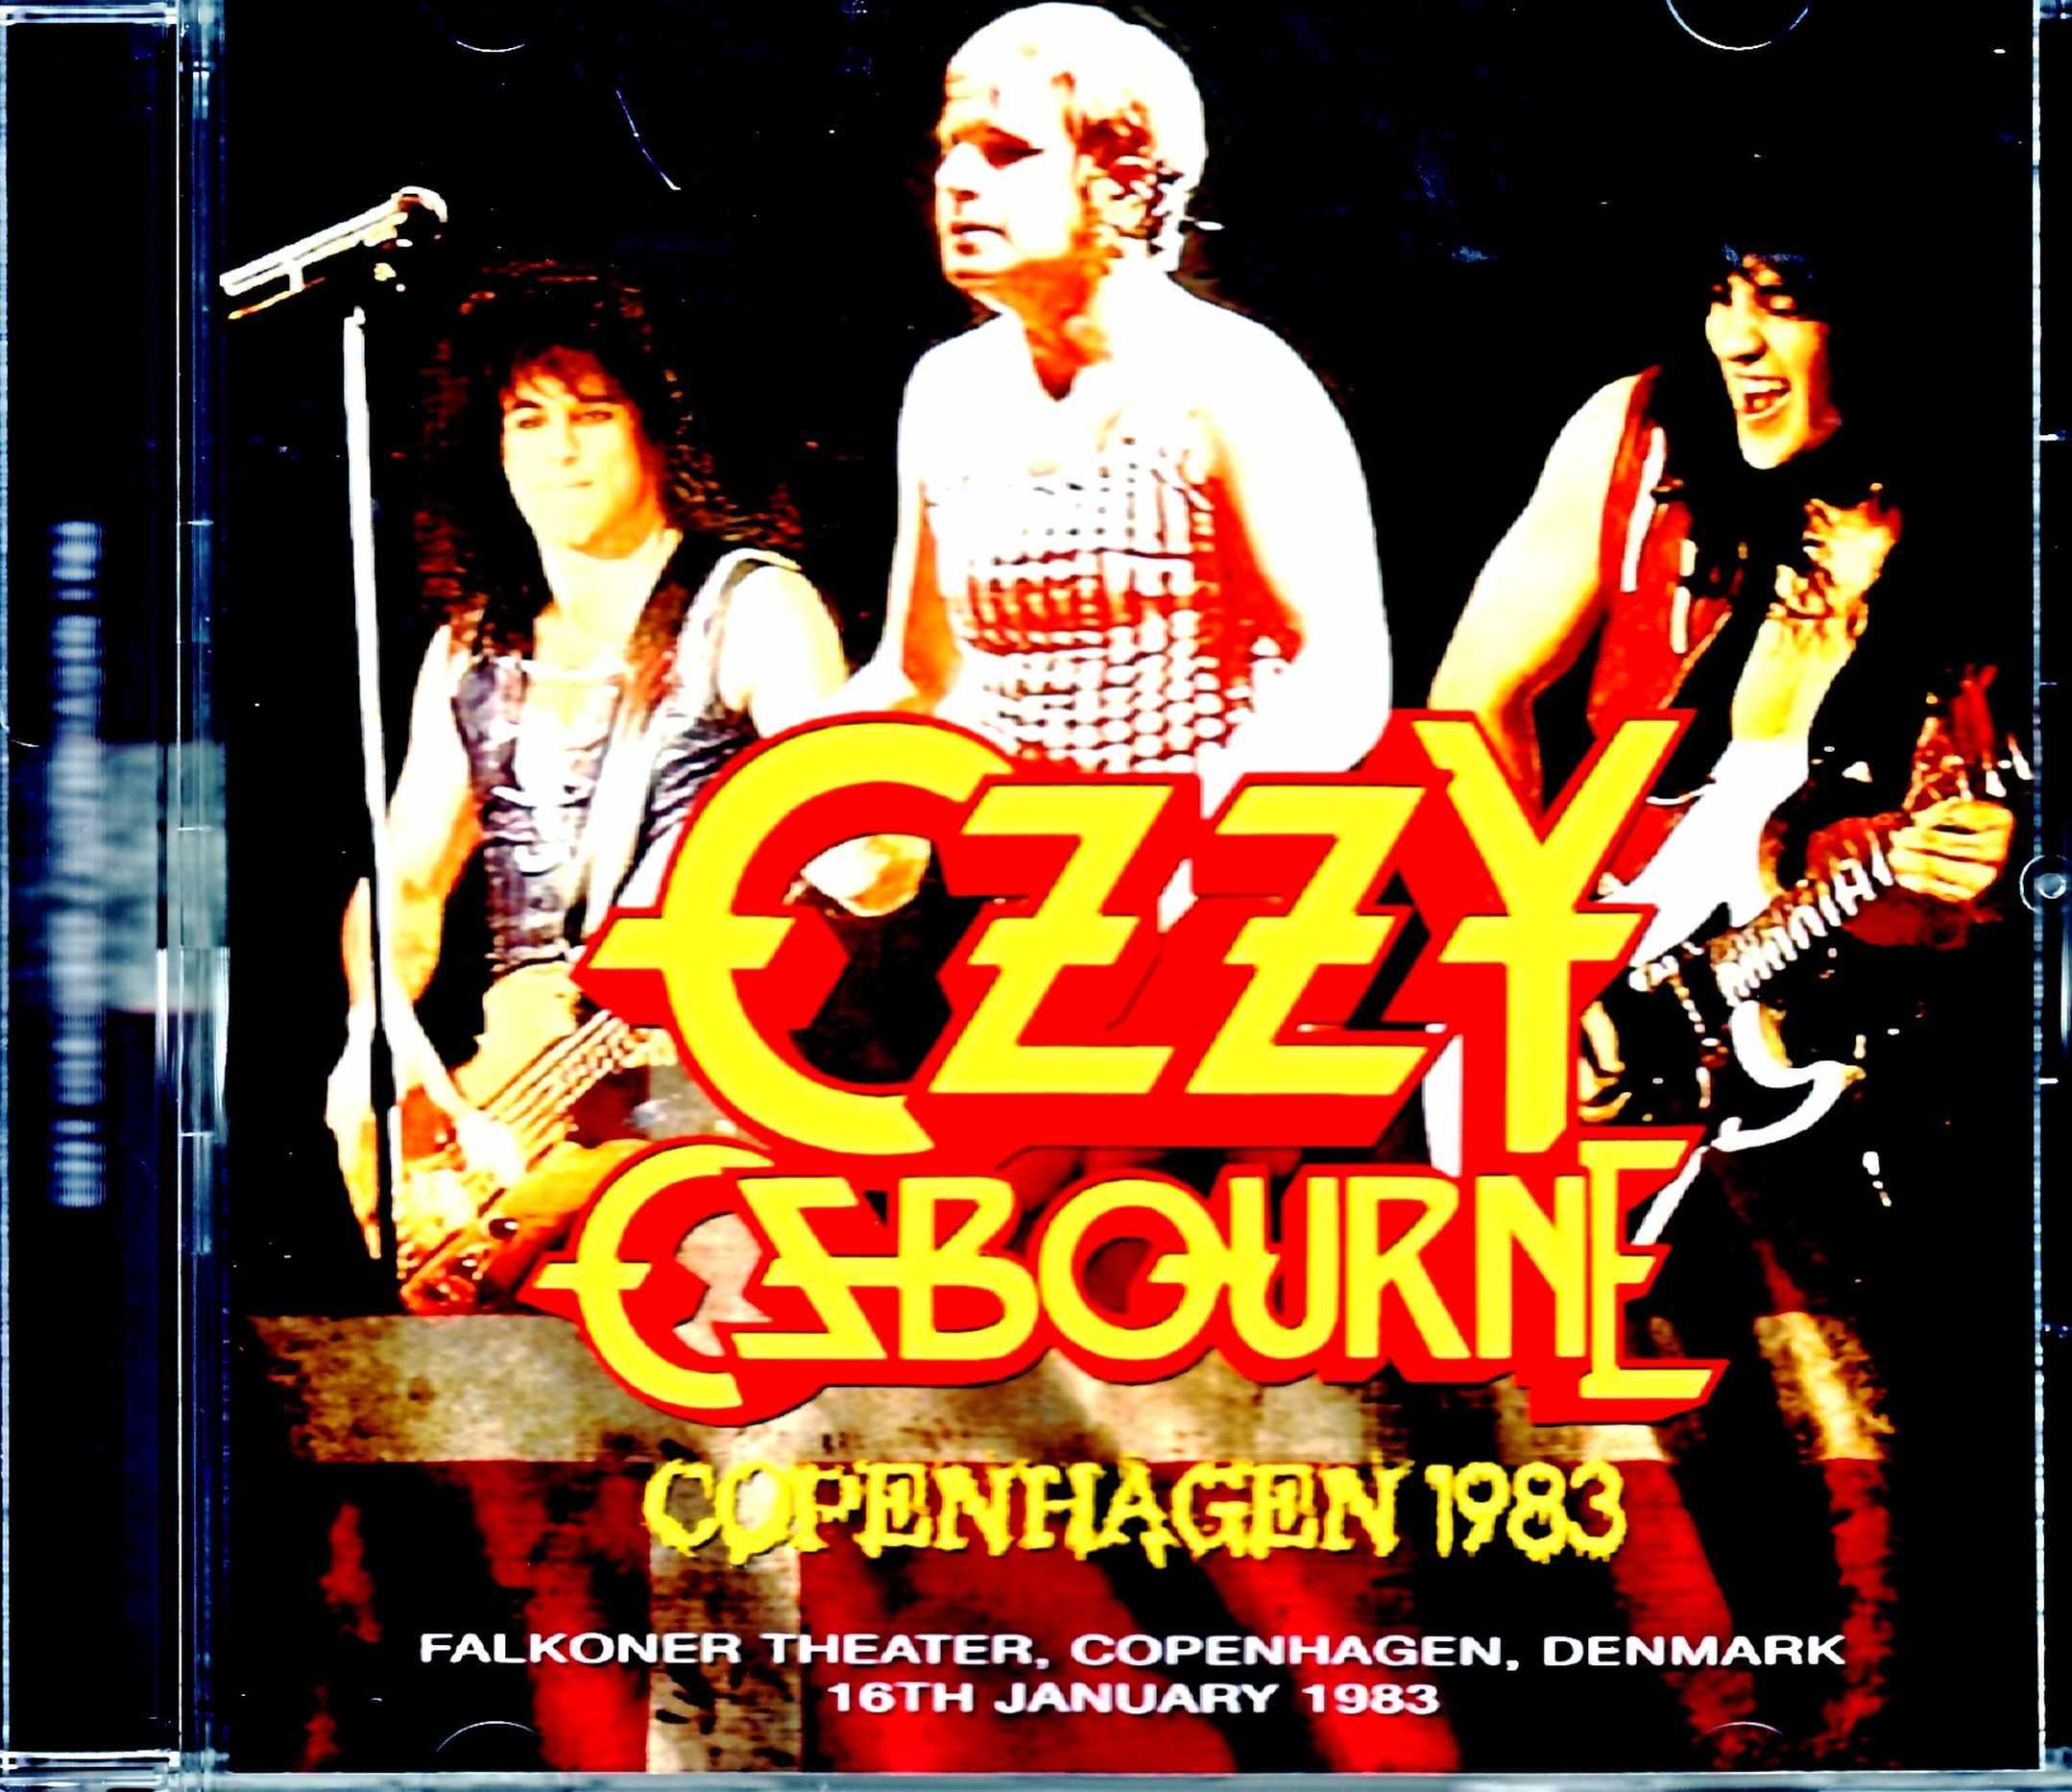 Ozzy Osbourne オジー・オズボーン/Denmark 1983